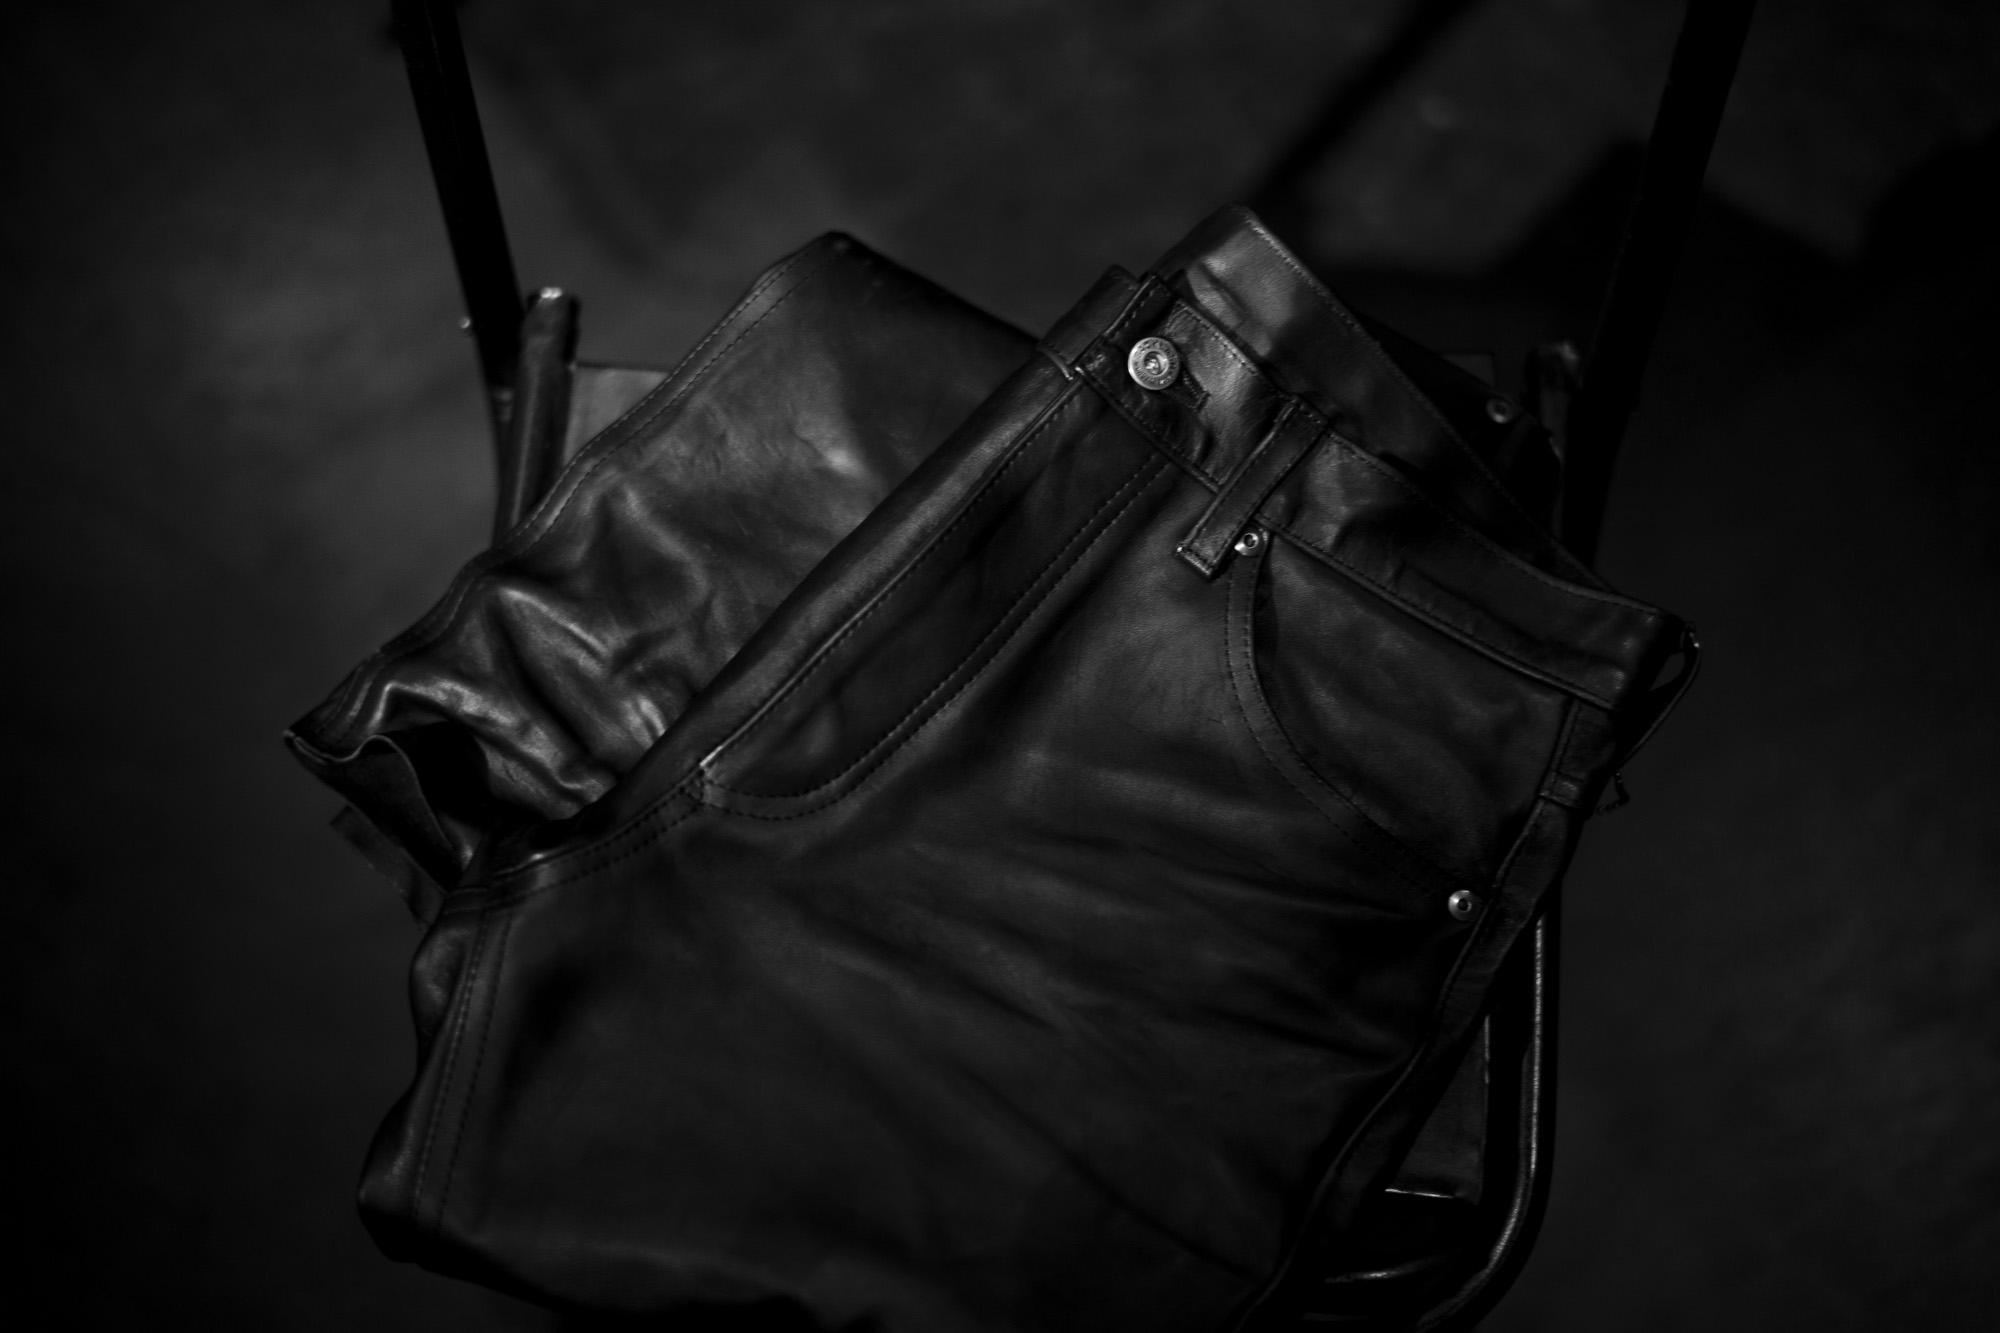 ISAMU KATAYAMA BACKLASH 1973-01 ITALY HORSE LEATHER PANTS BLACK 2022SS イサムカタヤマ バックラッシュ イタリーホースレザー S,M,L 木村拓哉 キムタク レザーパンツ 愛知 名古屋 Alto e Diritto altoediritto アルトエデリット 片山勇 209,000円